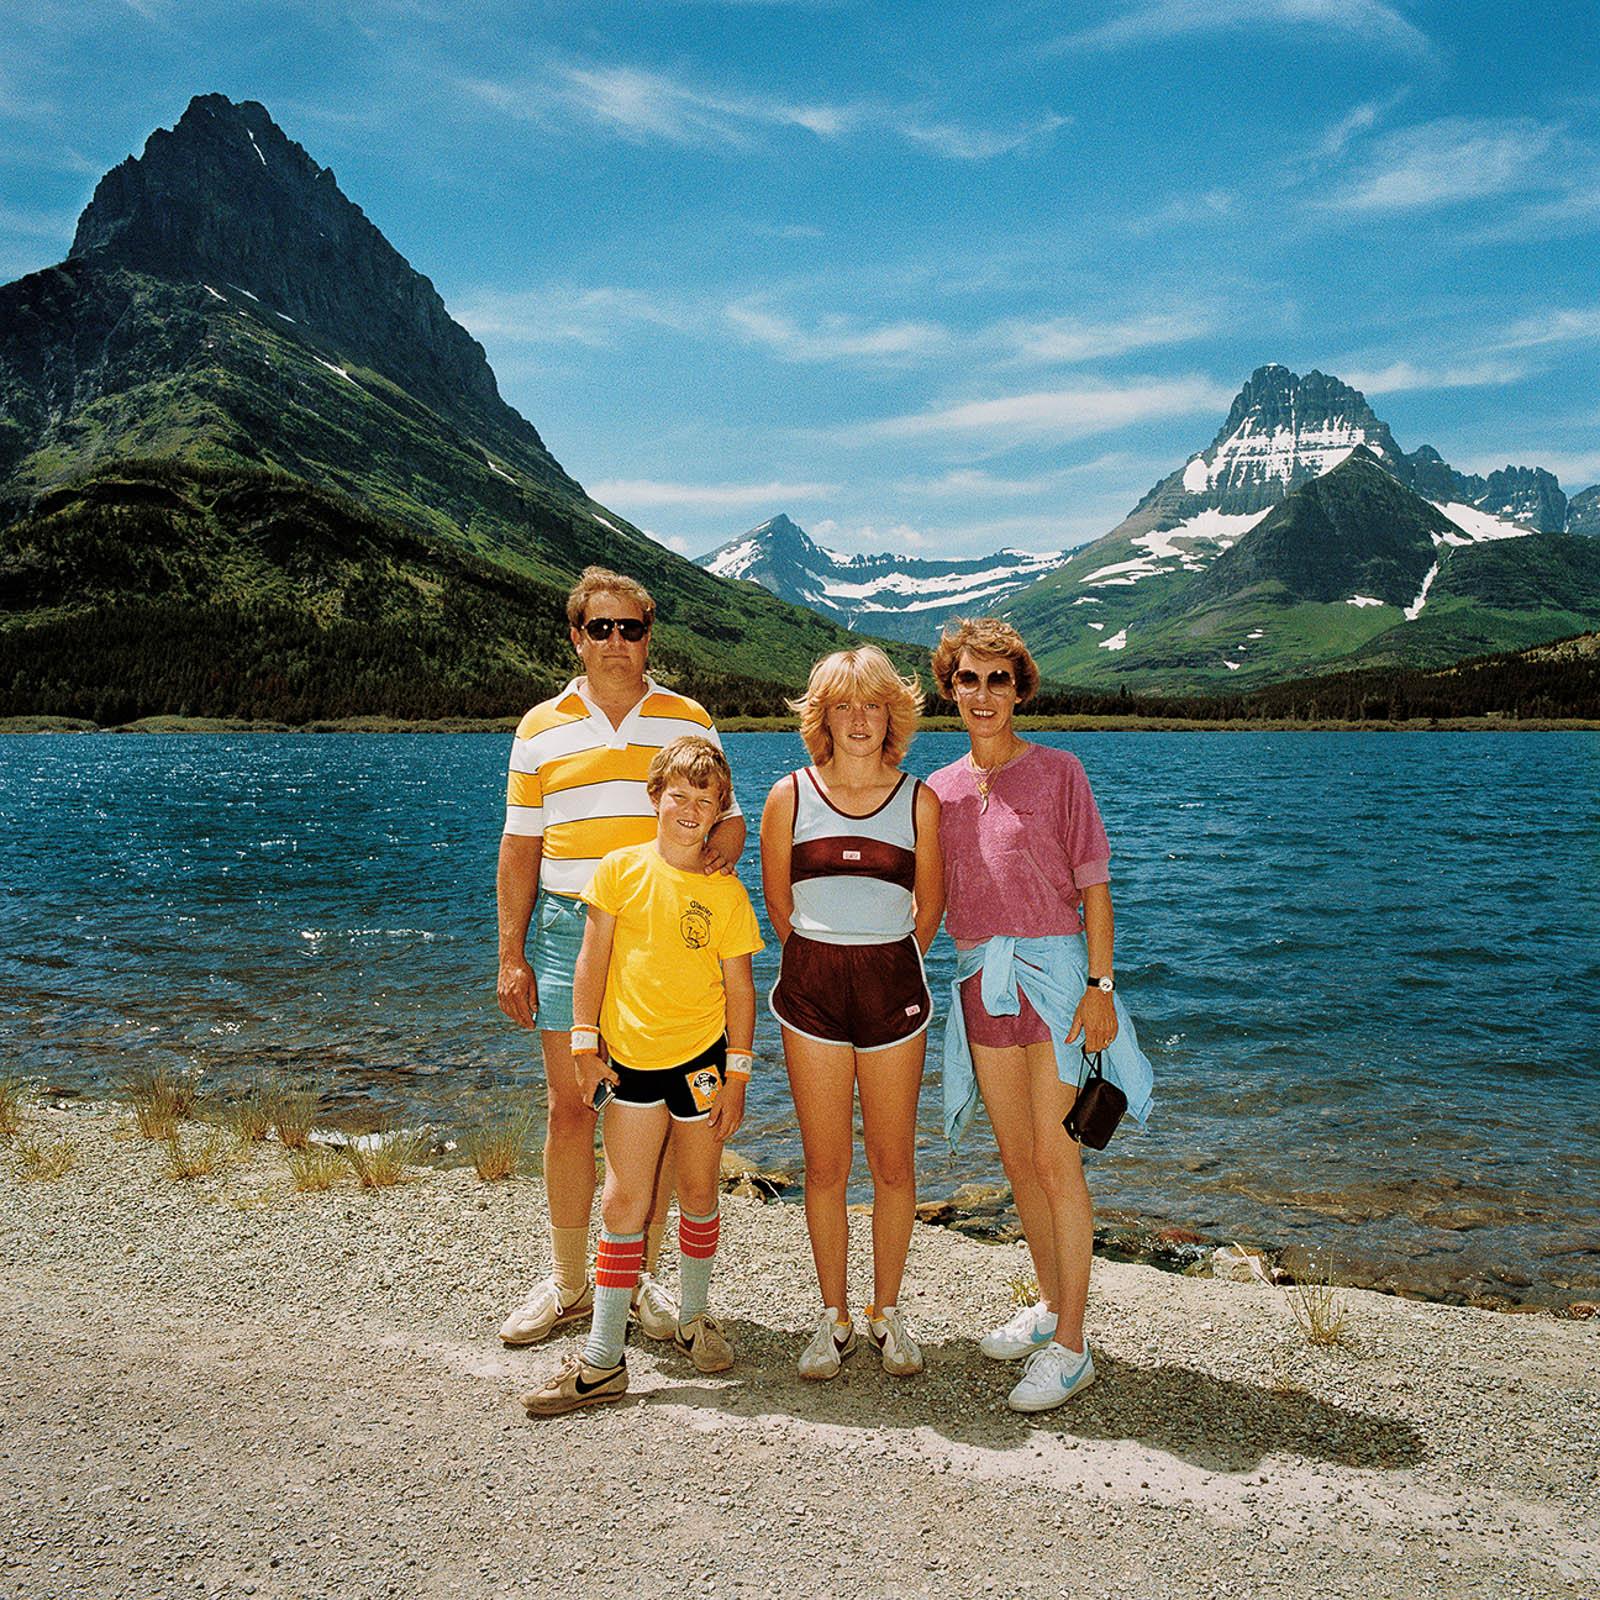 Family at Many Glacier, Glacier National Park, Montana 1981